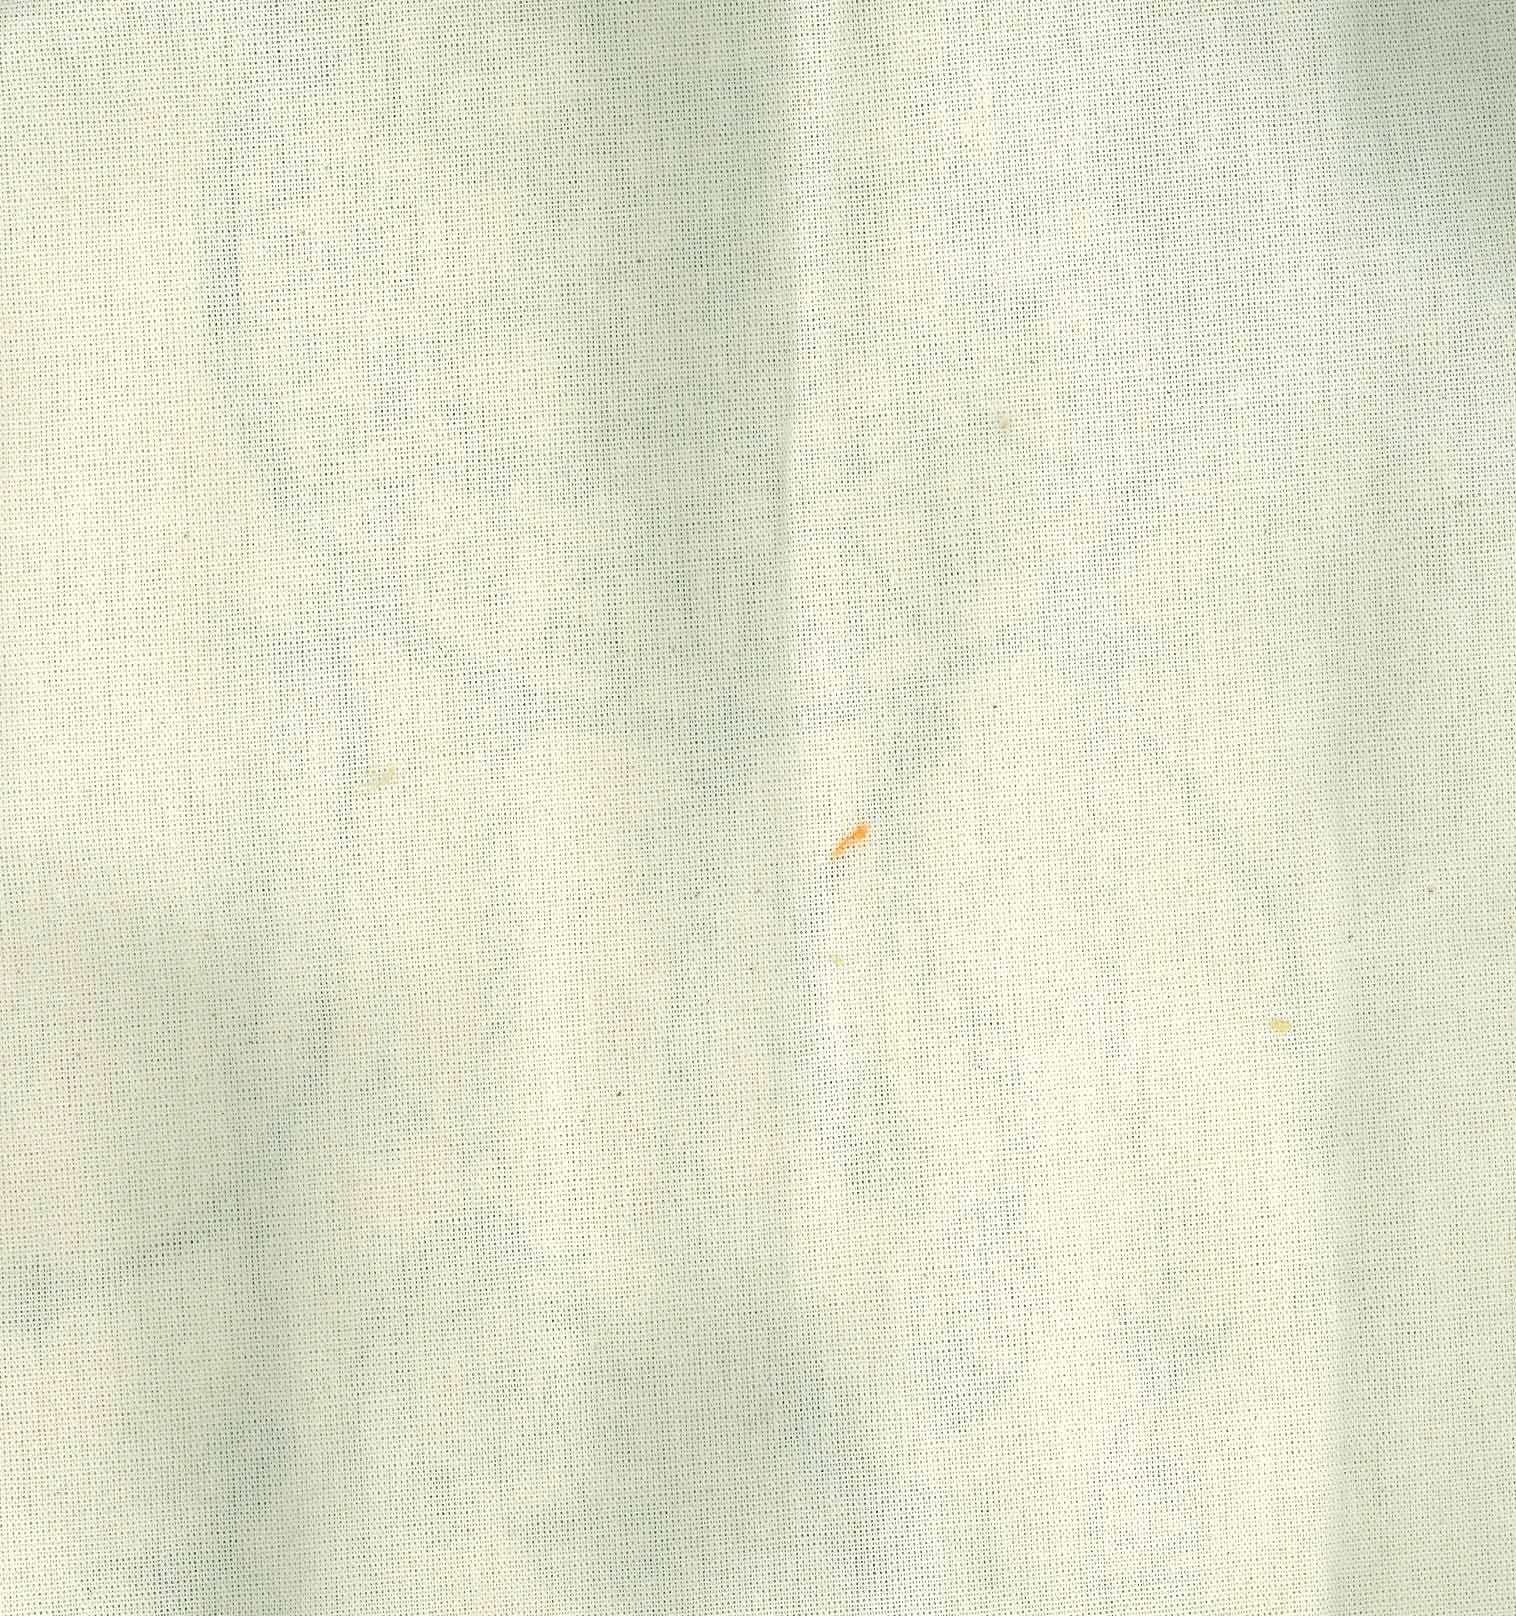 کیف پارچه ای کوچک 24*27 (بیلوبا،730)